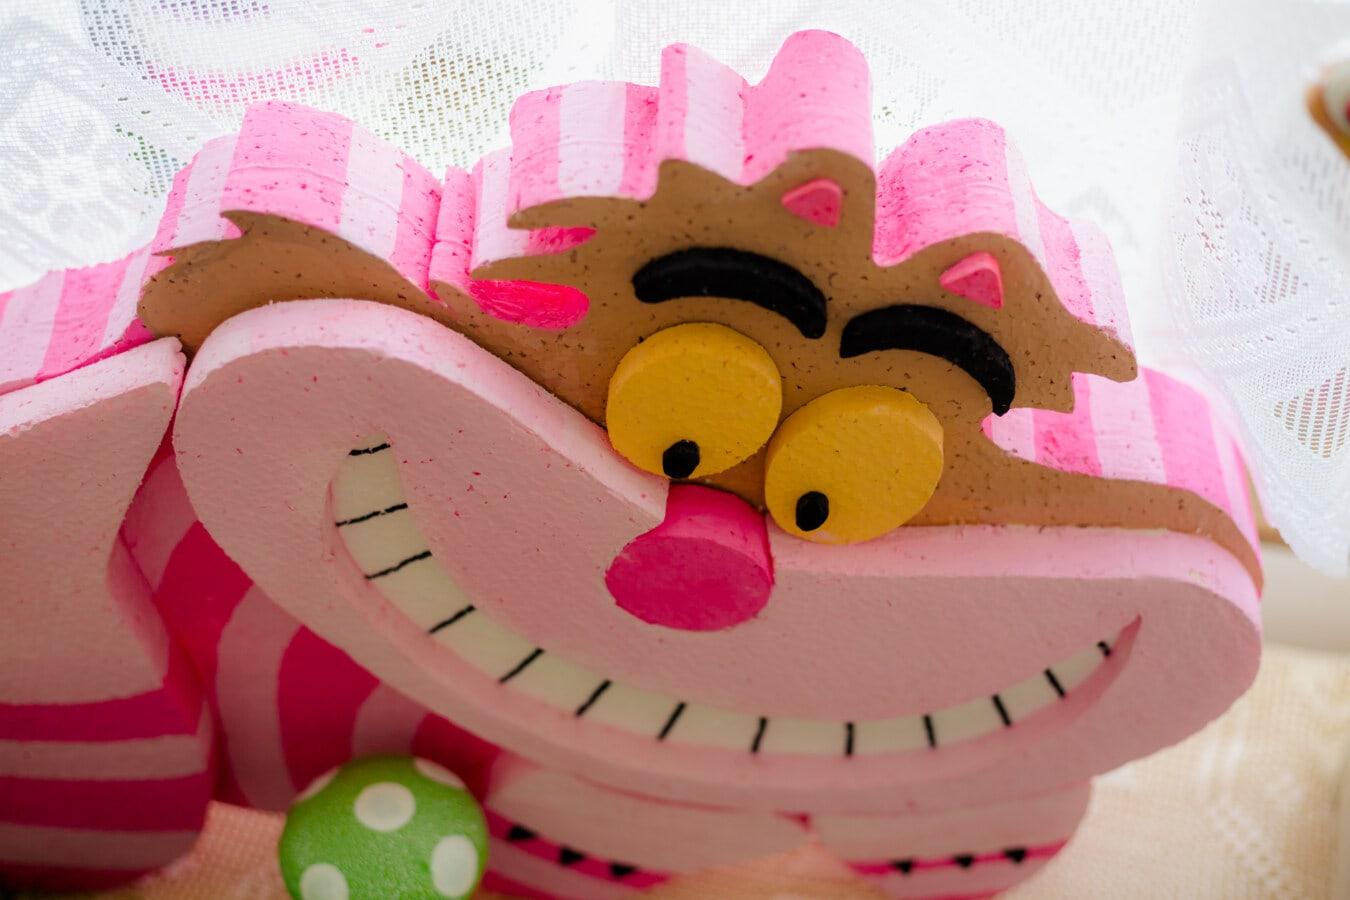 lustig, Spielzeug, Rosa, Monster, Gesicht, Lächeln, Feier, Geburtstag, Spaß, hell